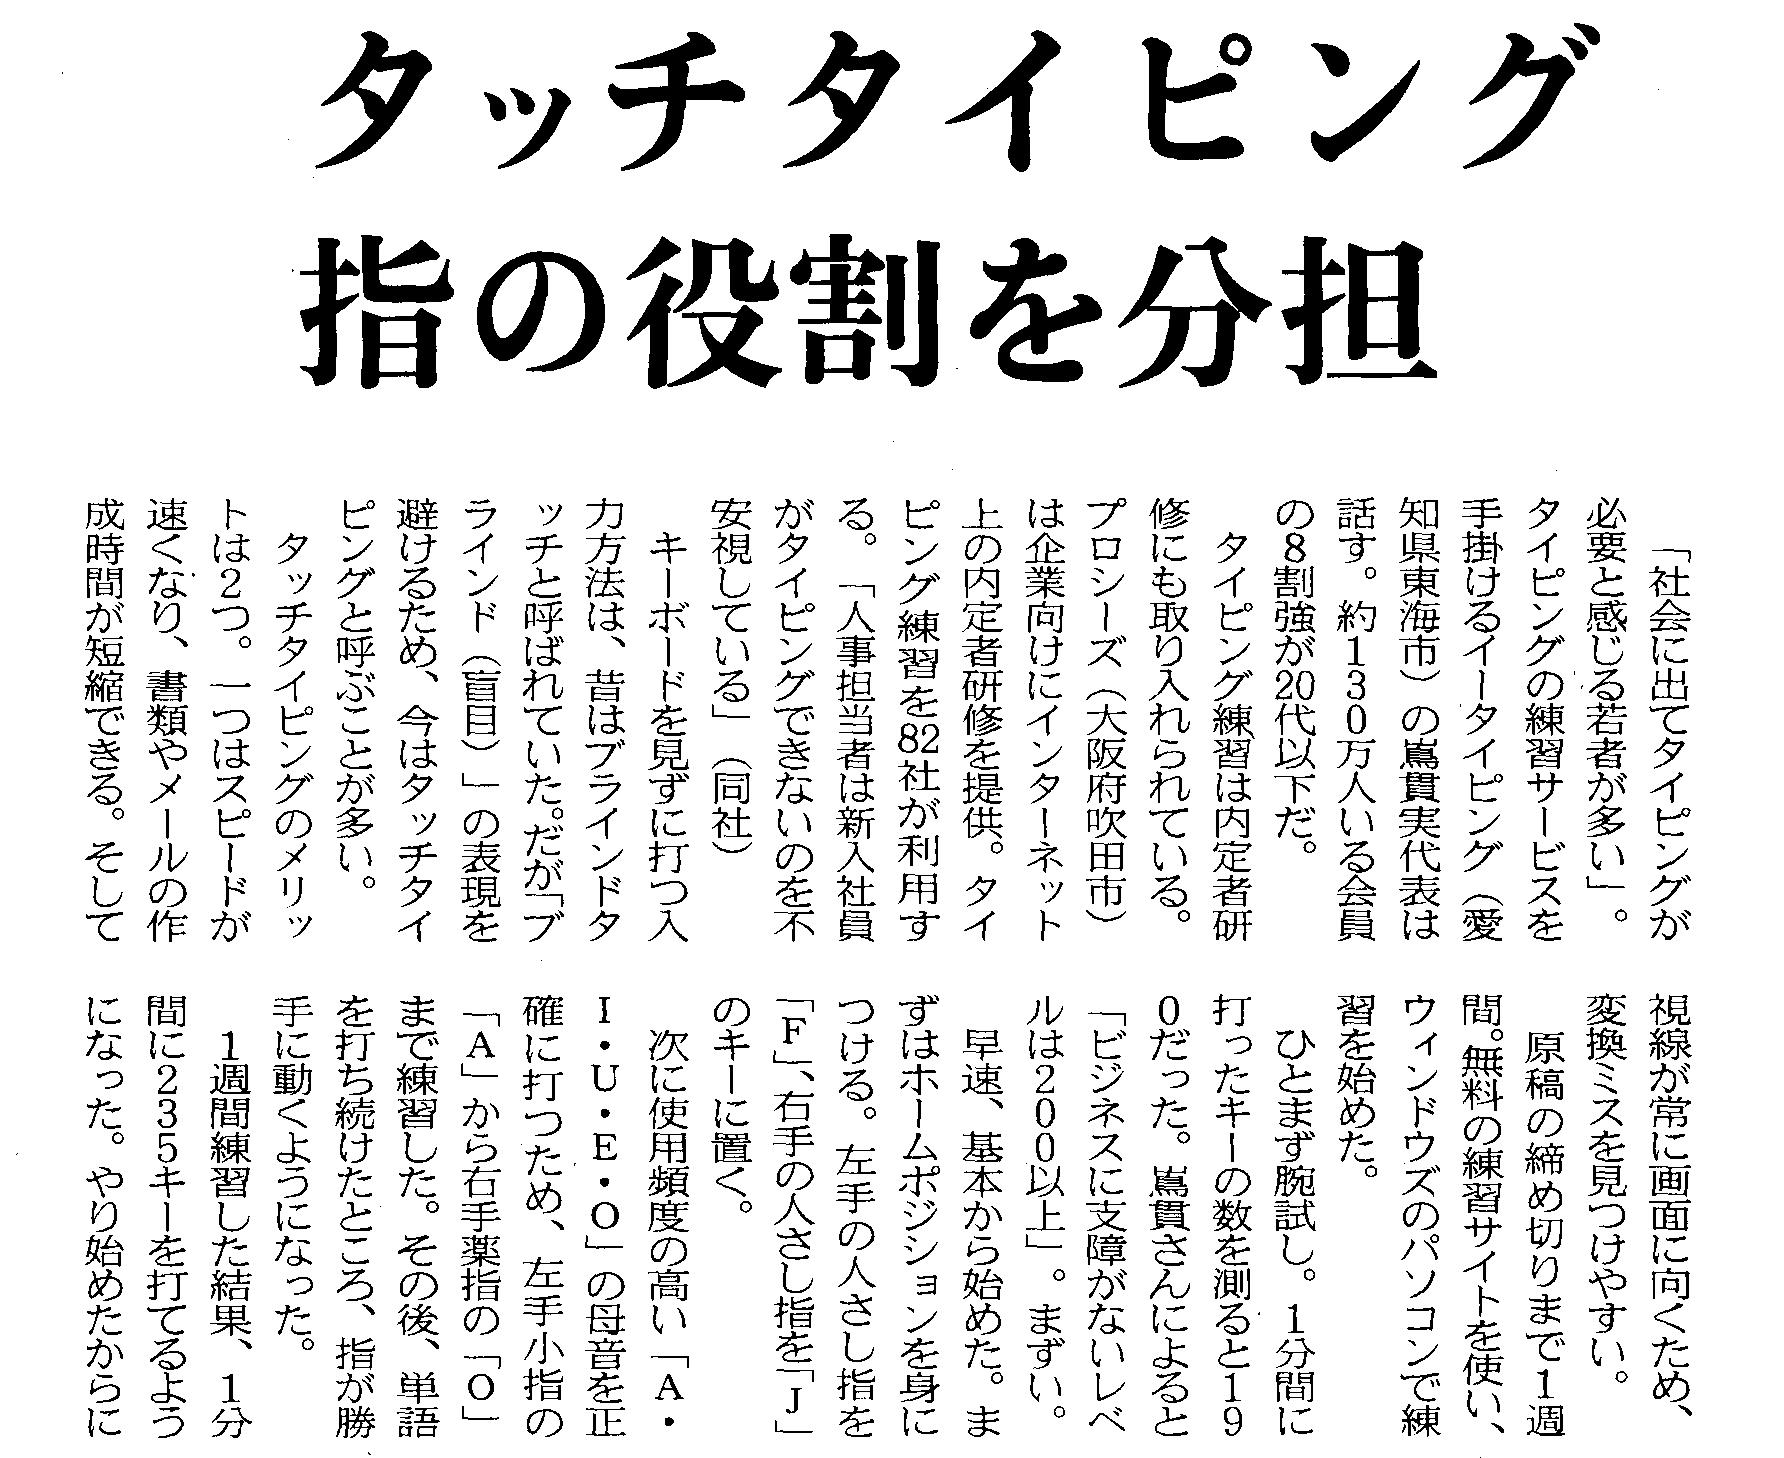 日経新聞の記事によると、社会に出てタイピングが必要と感じる若者が多い。